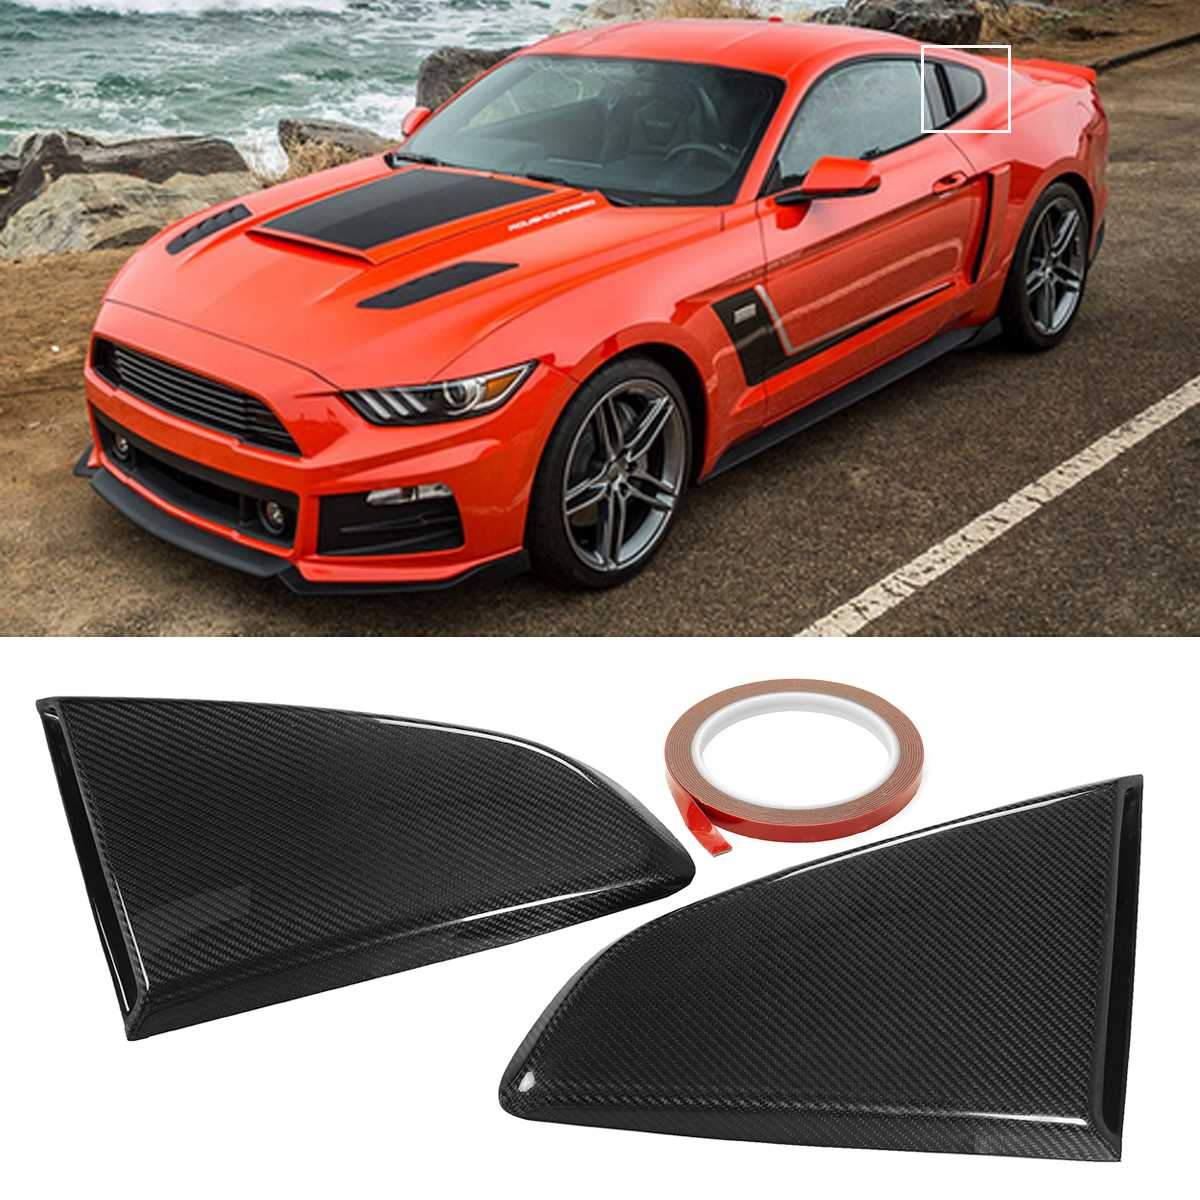 2 pièces vraie Fiber de carbone voiture côté fenêtre persienne écopes côté évent déflecteur Scoop persiennes pour Ford pour Mustang R Style